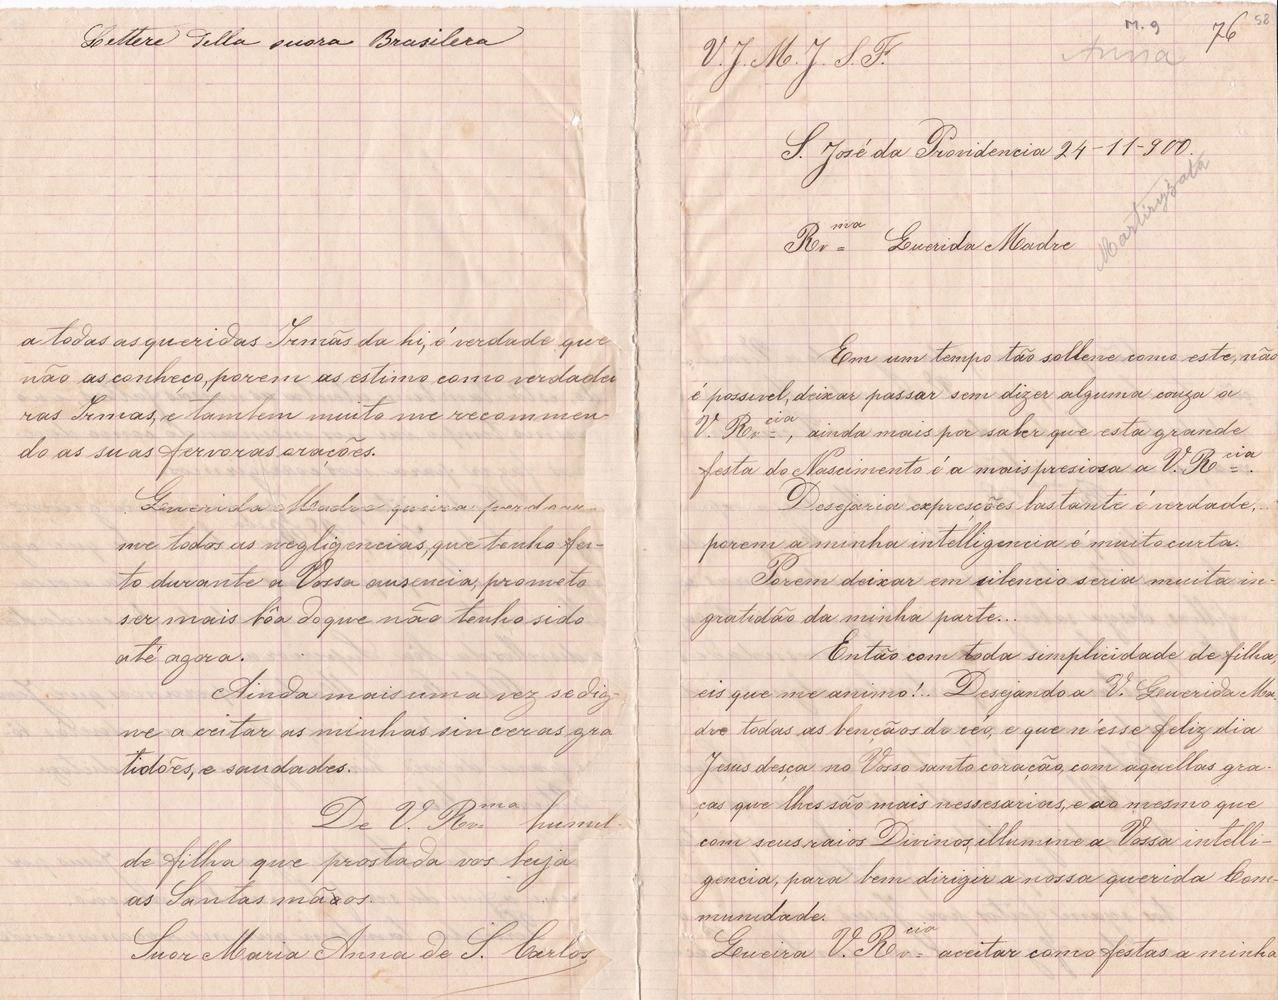 Lettera del 24 novembre 1900 recto